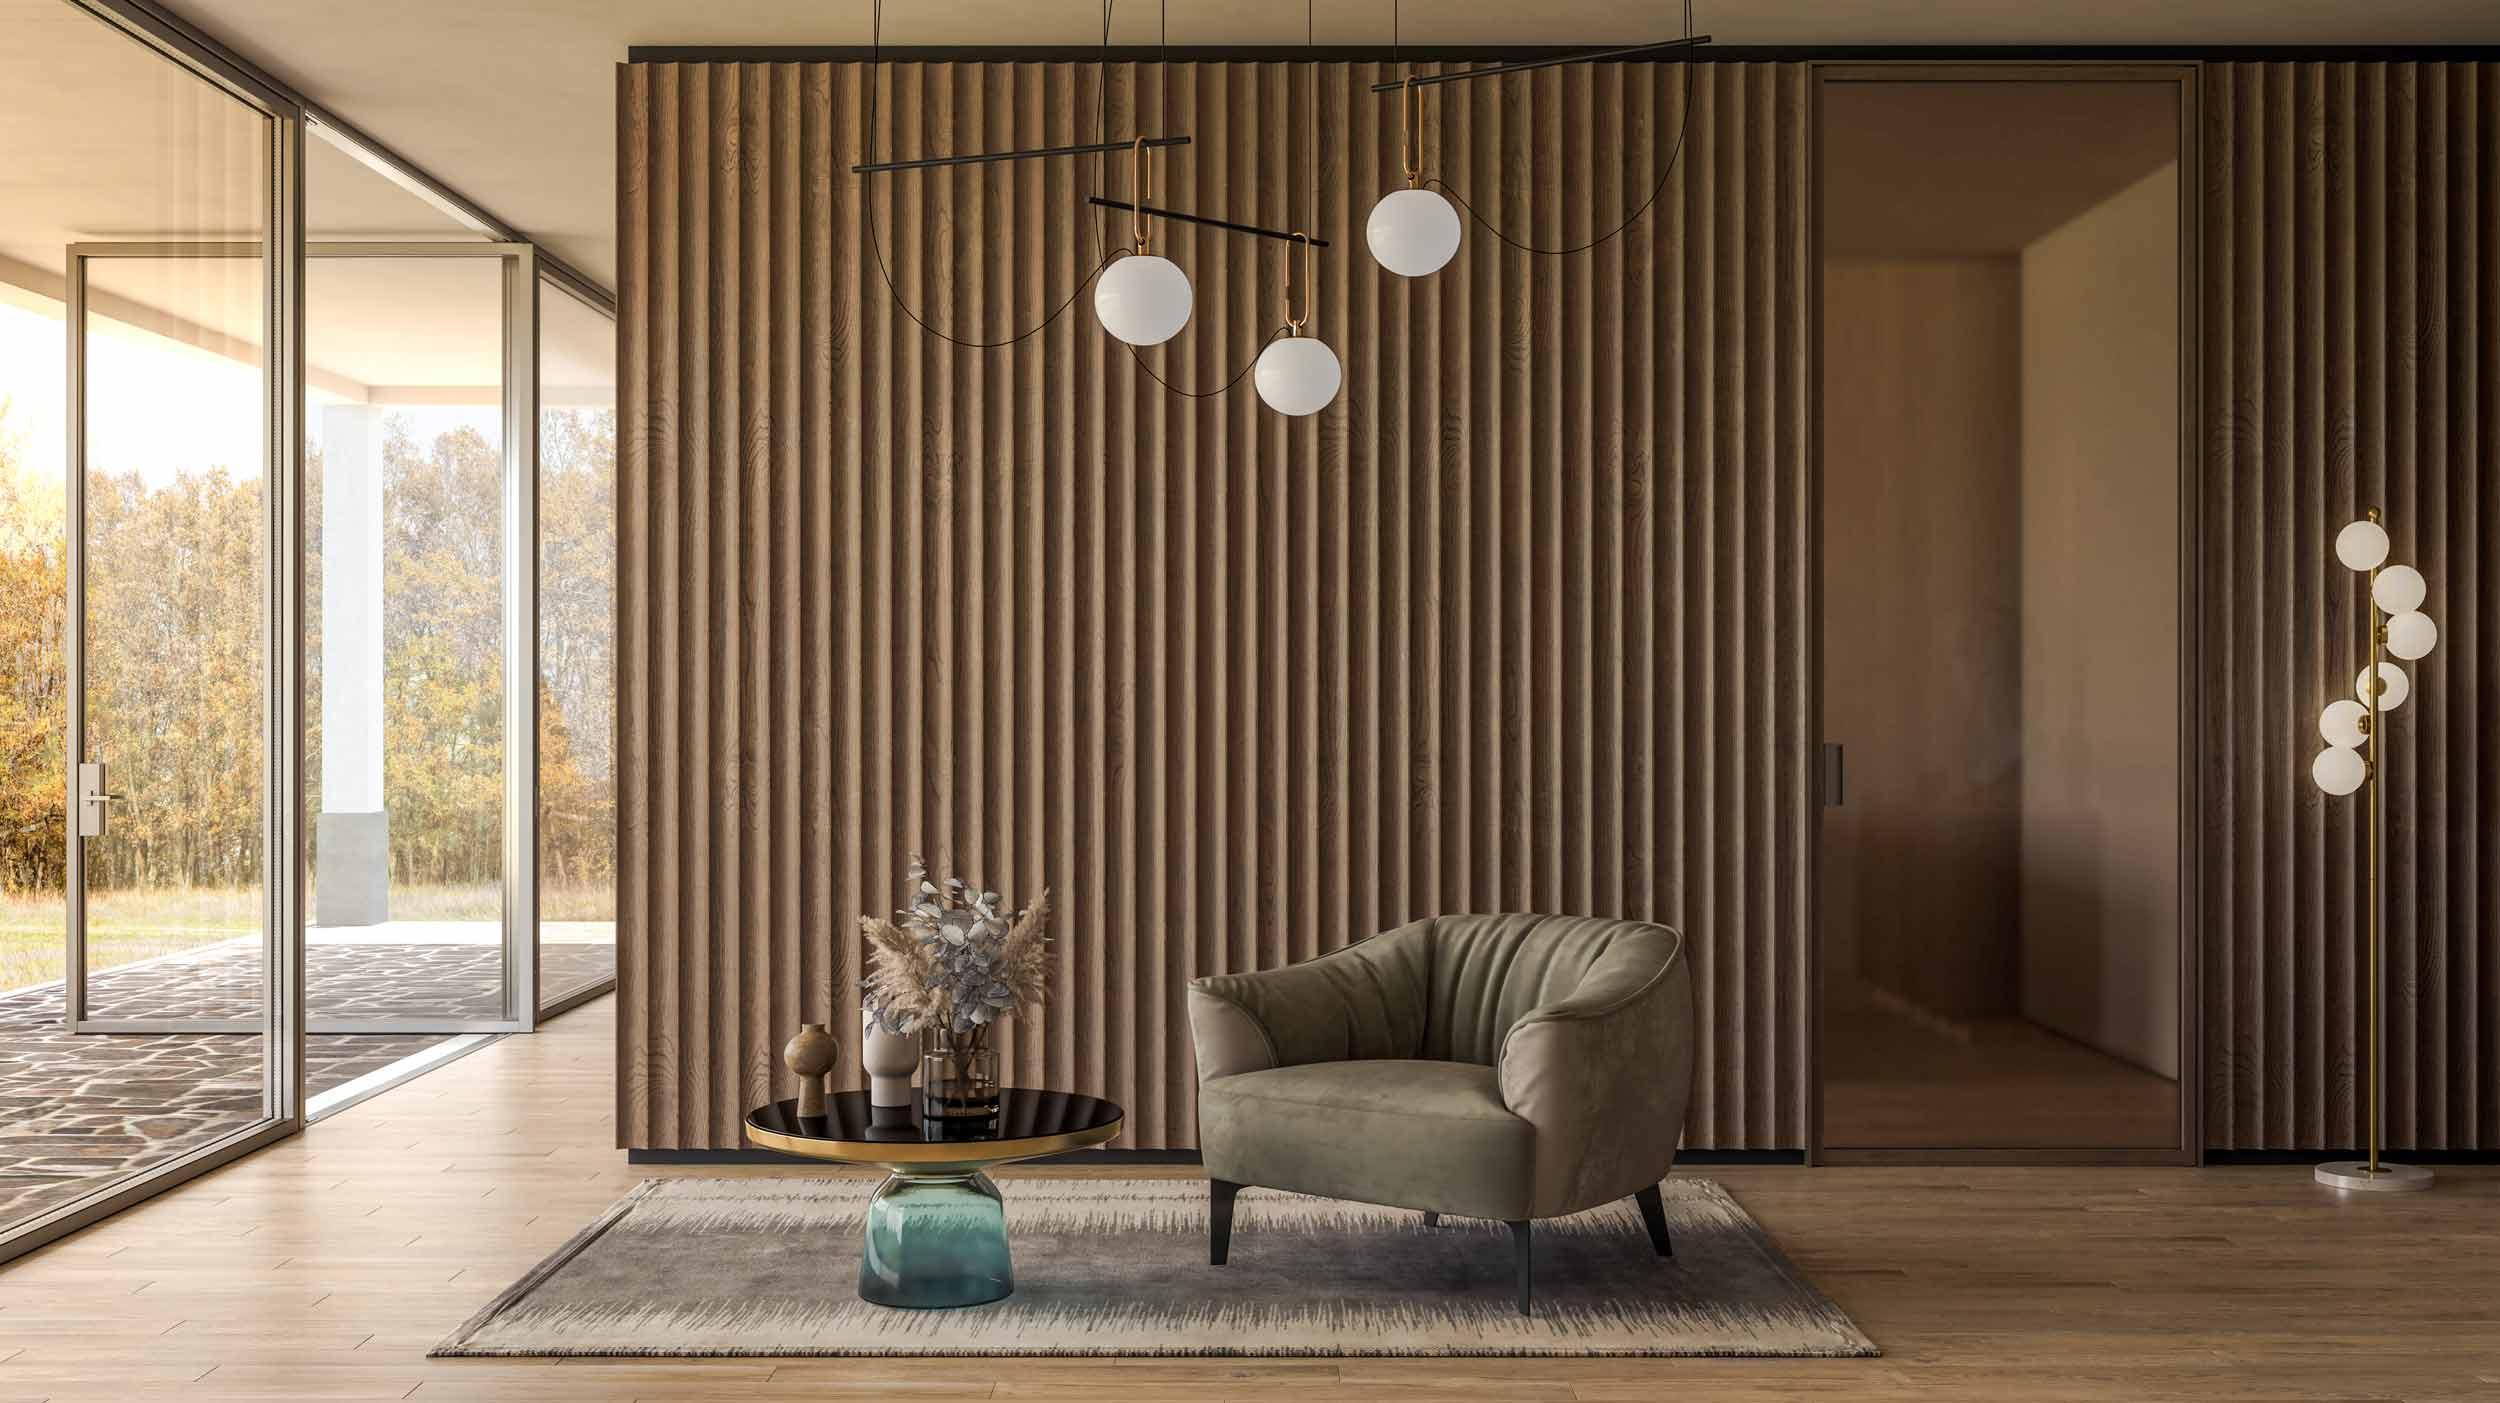 Vue de la boiserie en bois et de la porte intérieure avec un cadre métallique minimal